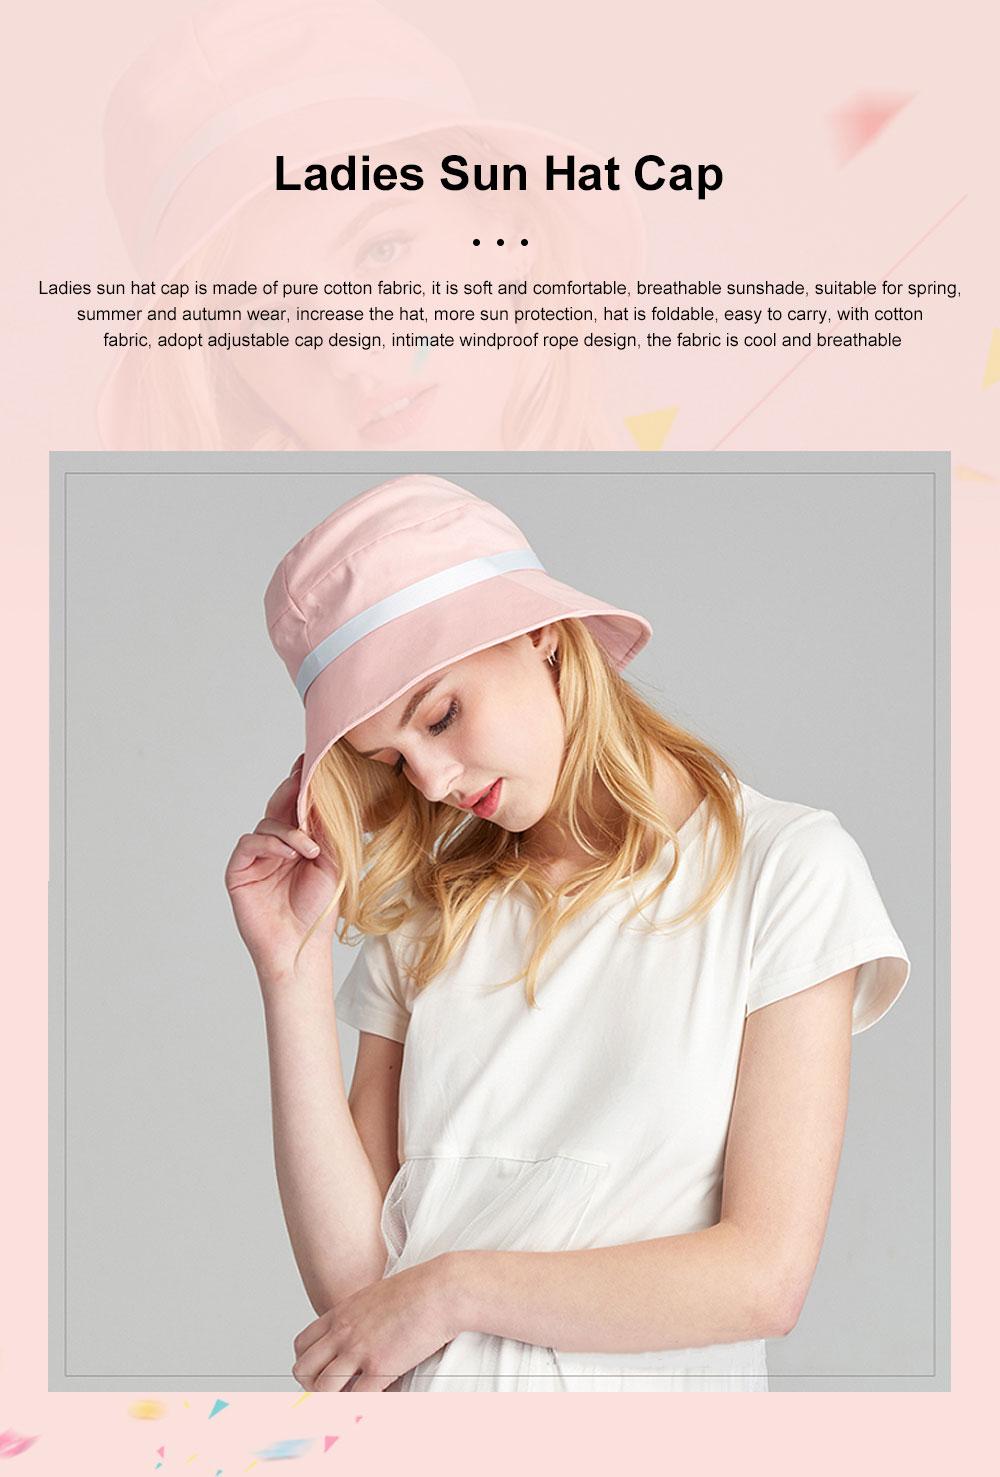 Ladies Sun Hat Cap Female Summer Sunscreen Anti-UV Foldable Outdoor Visor For Women Traveling 0